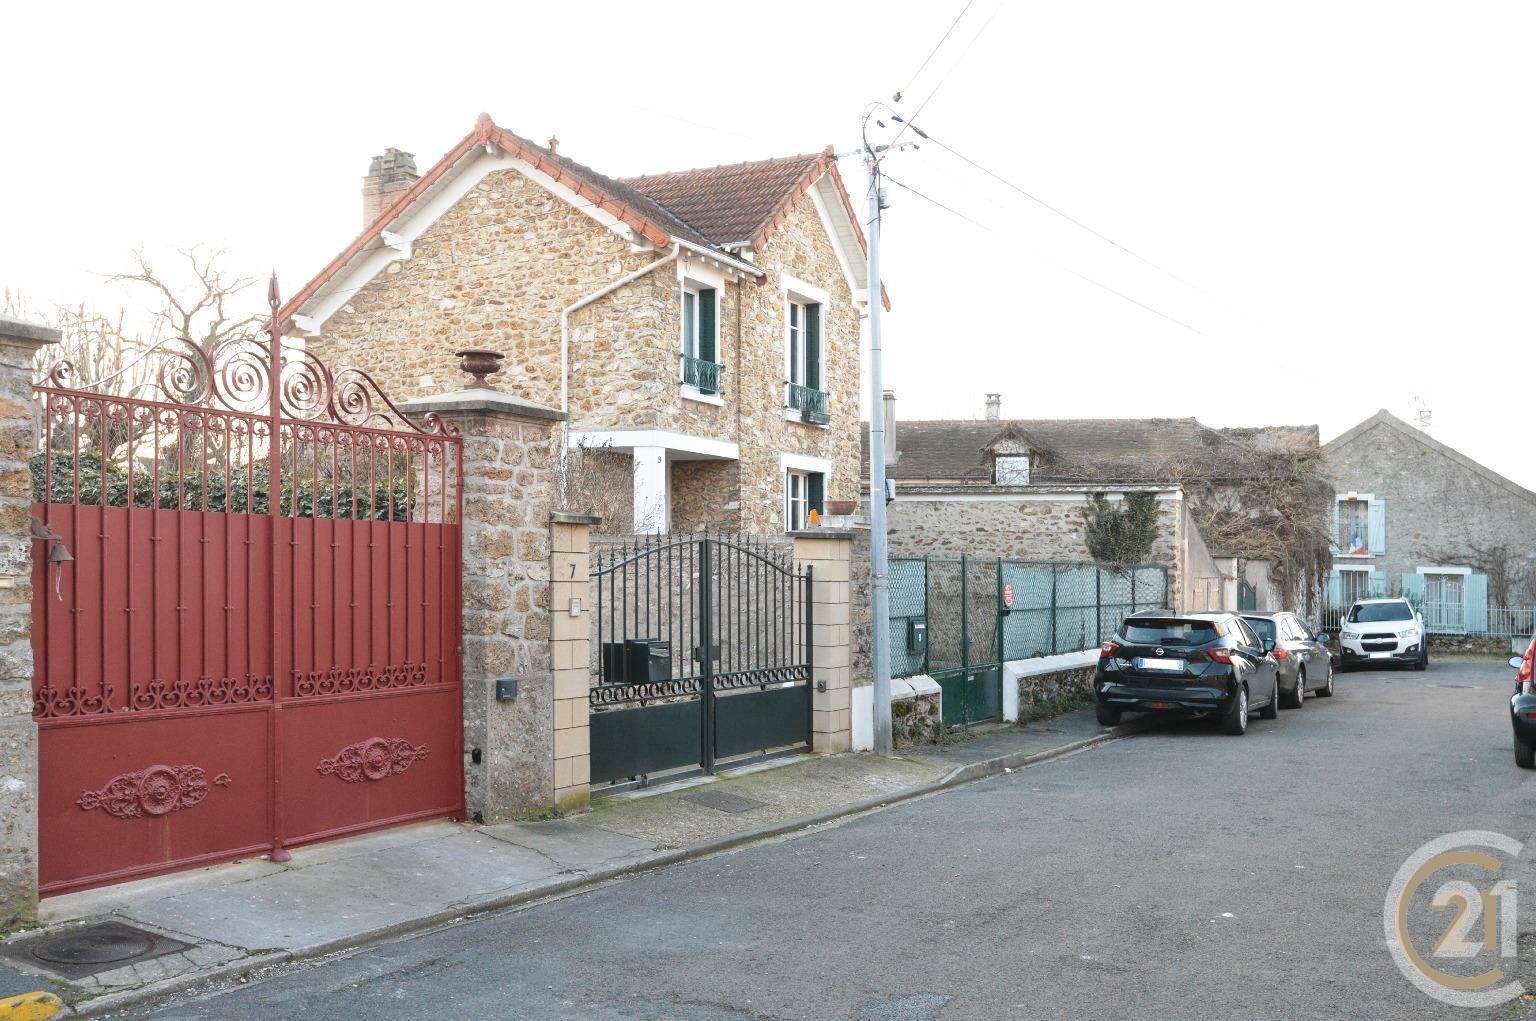 Maison 3 Pièces À Vendre – Draveil (91210) – Ref. 1426 ... encequiconcerne Maison A Vendre Draveil Paris Jardin